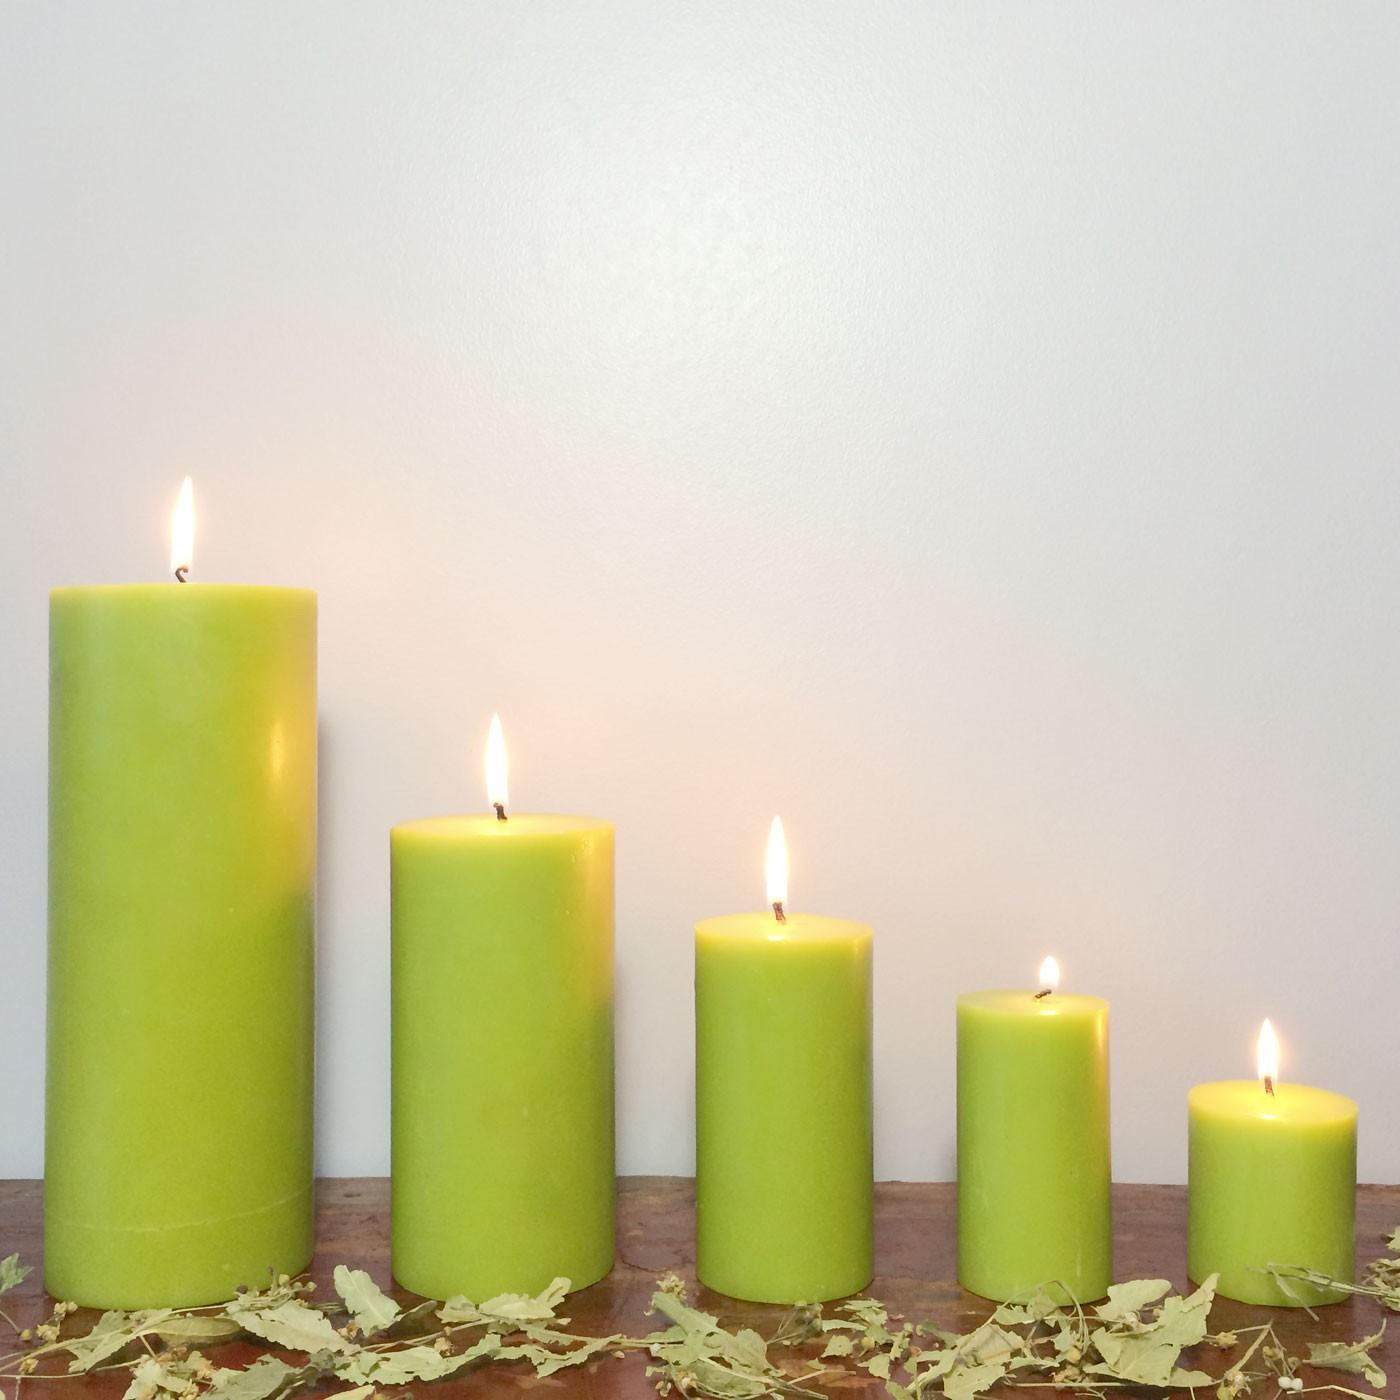 achat lot de bougies parfum es pour la d coration. Black Bedroom Furniture Sets. Home Design Ideas